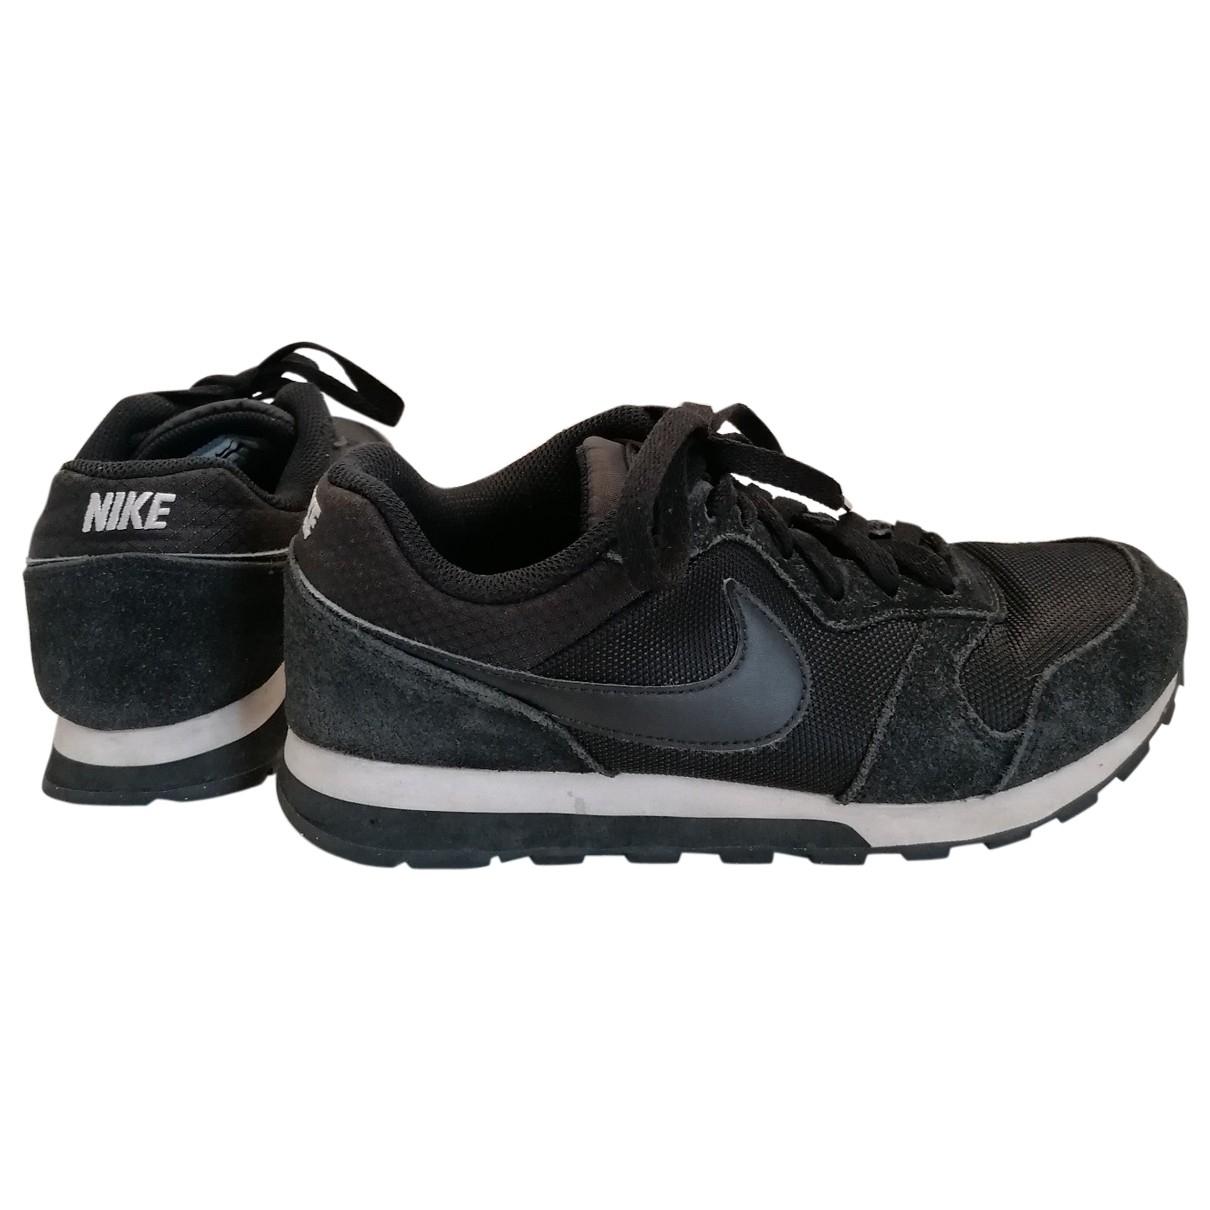 Nike \N Black Trainers for Women 37.5 EU